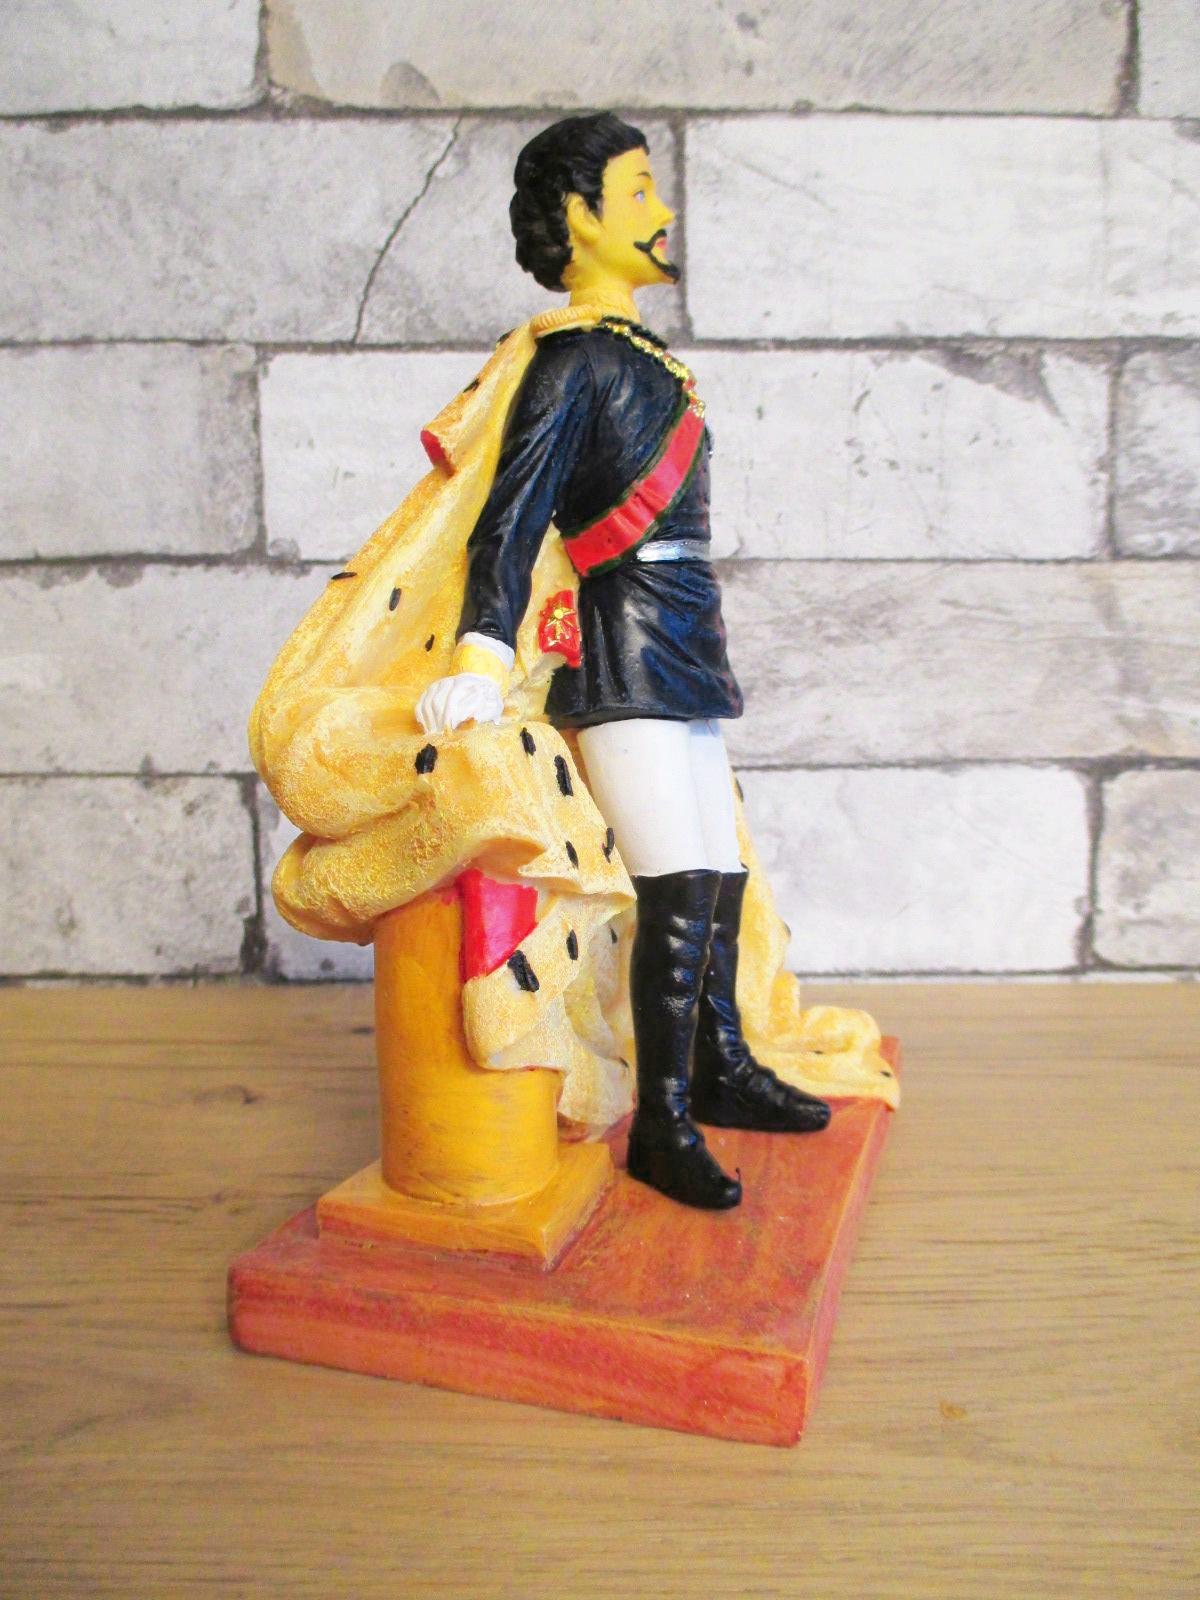 Deckeldose Frauenfigur FEE Deckelgefäss ELFE Figur JUGENDSTIL Frauenakt ANTIK